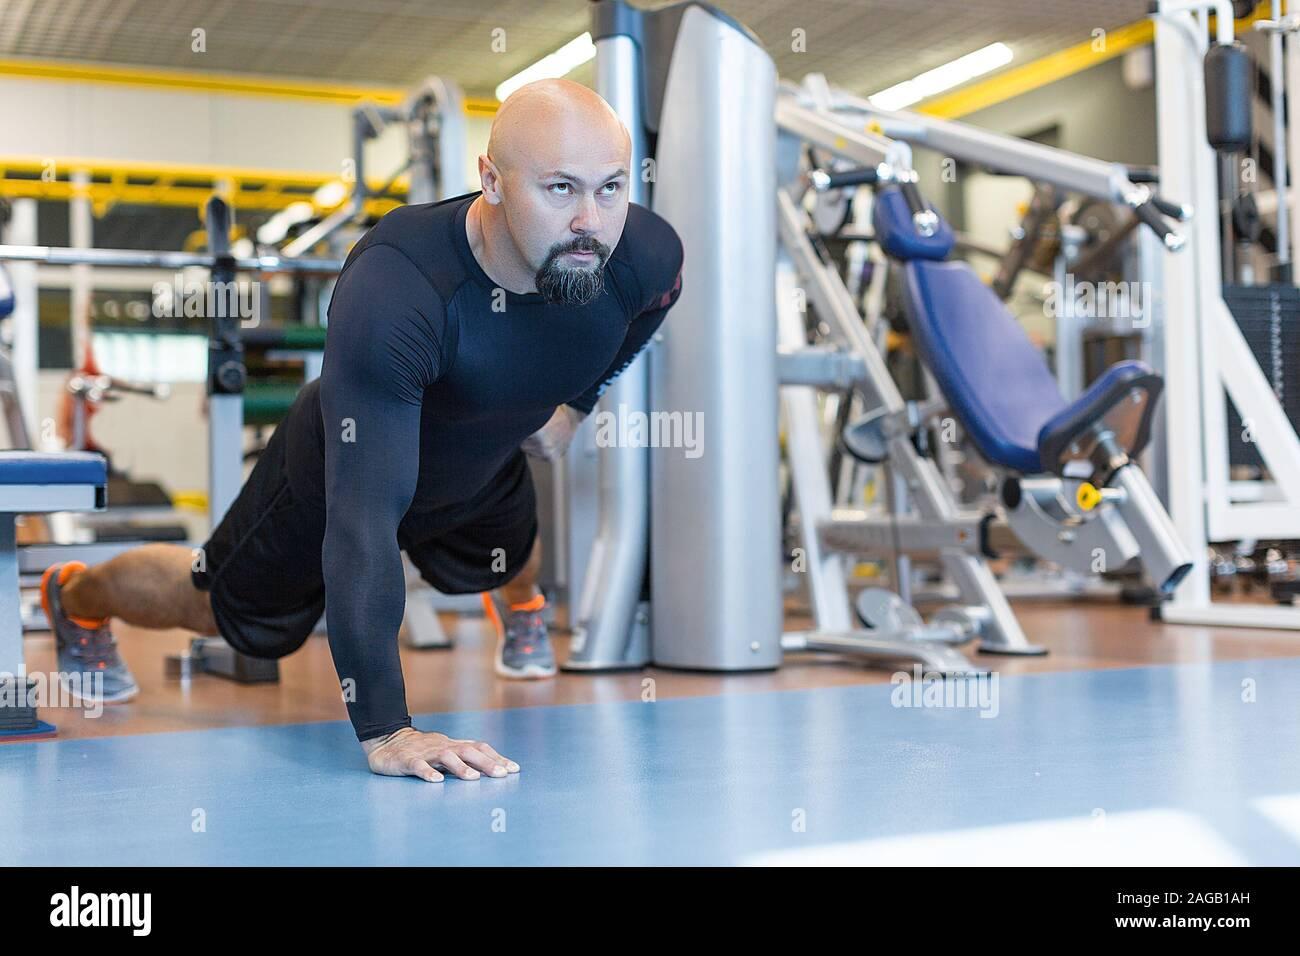 Homme barbu brutale faisant pousser ups exercice avec une part dans la salle de sport de remise en forme. Concept de vie saine Banque D'Images